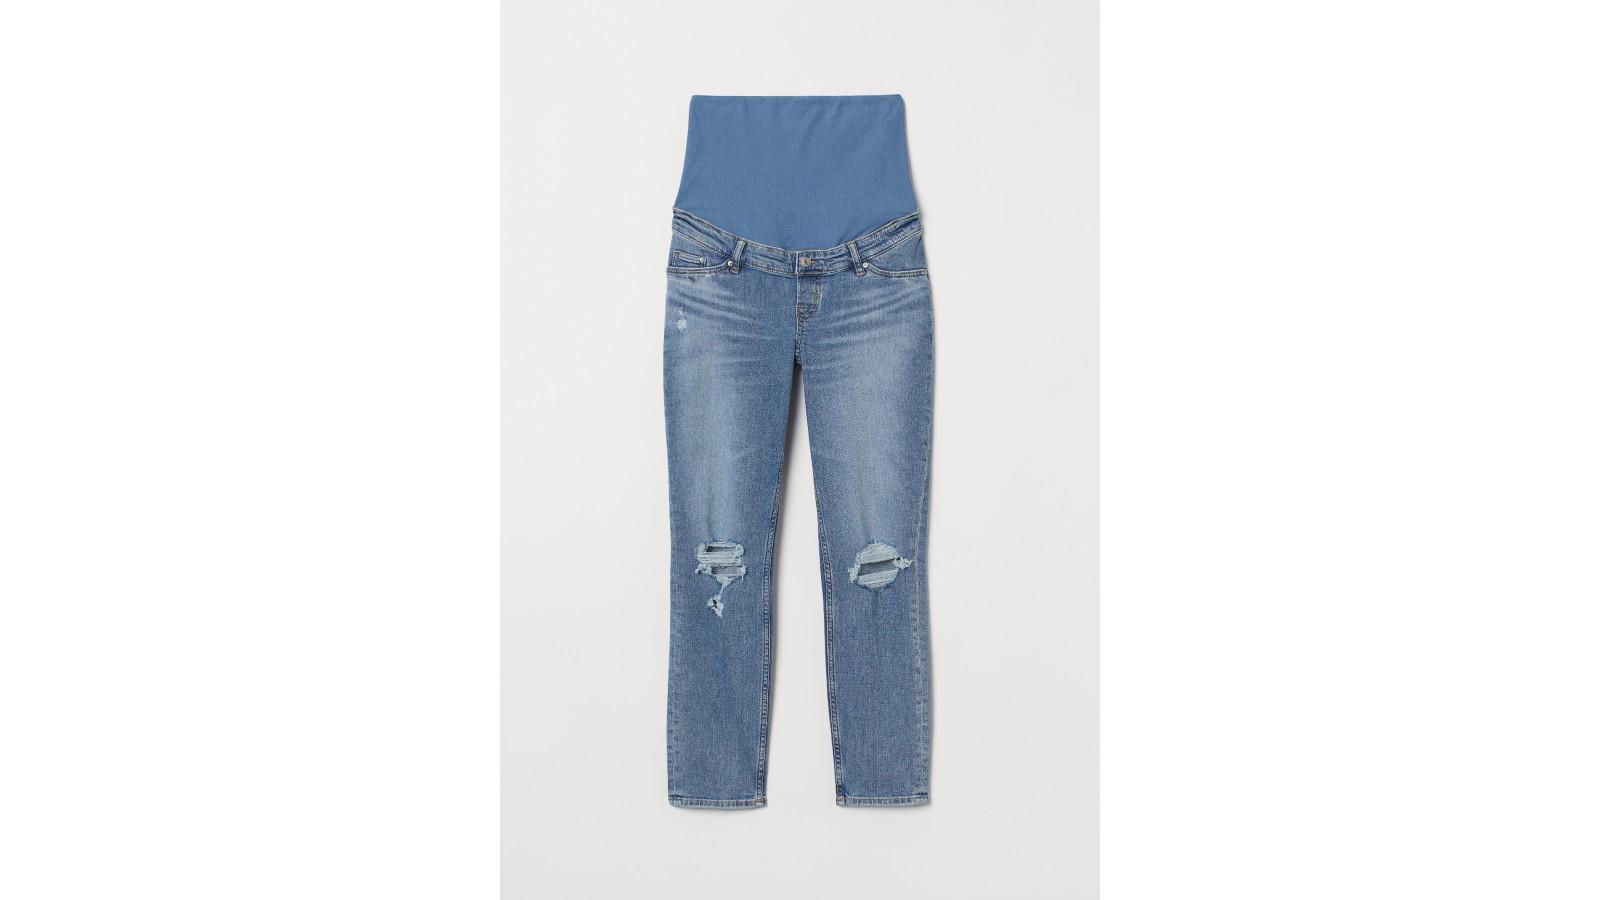 H&M MAMA Jeans cheville de maman